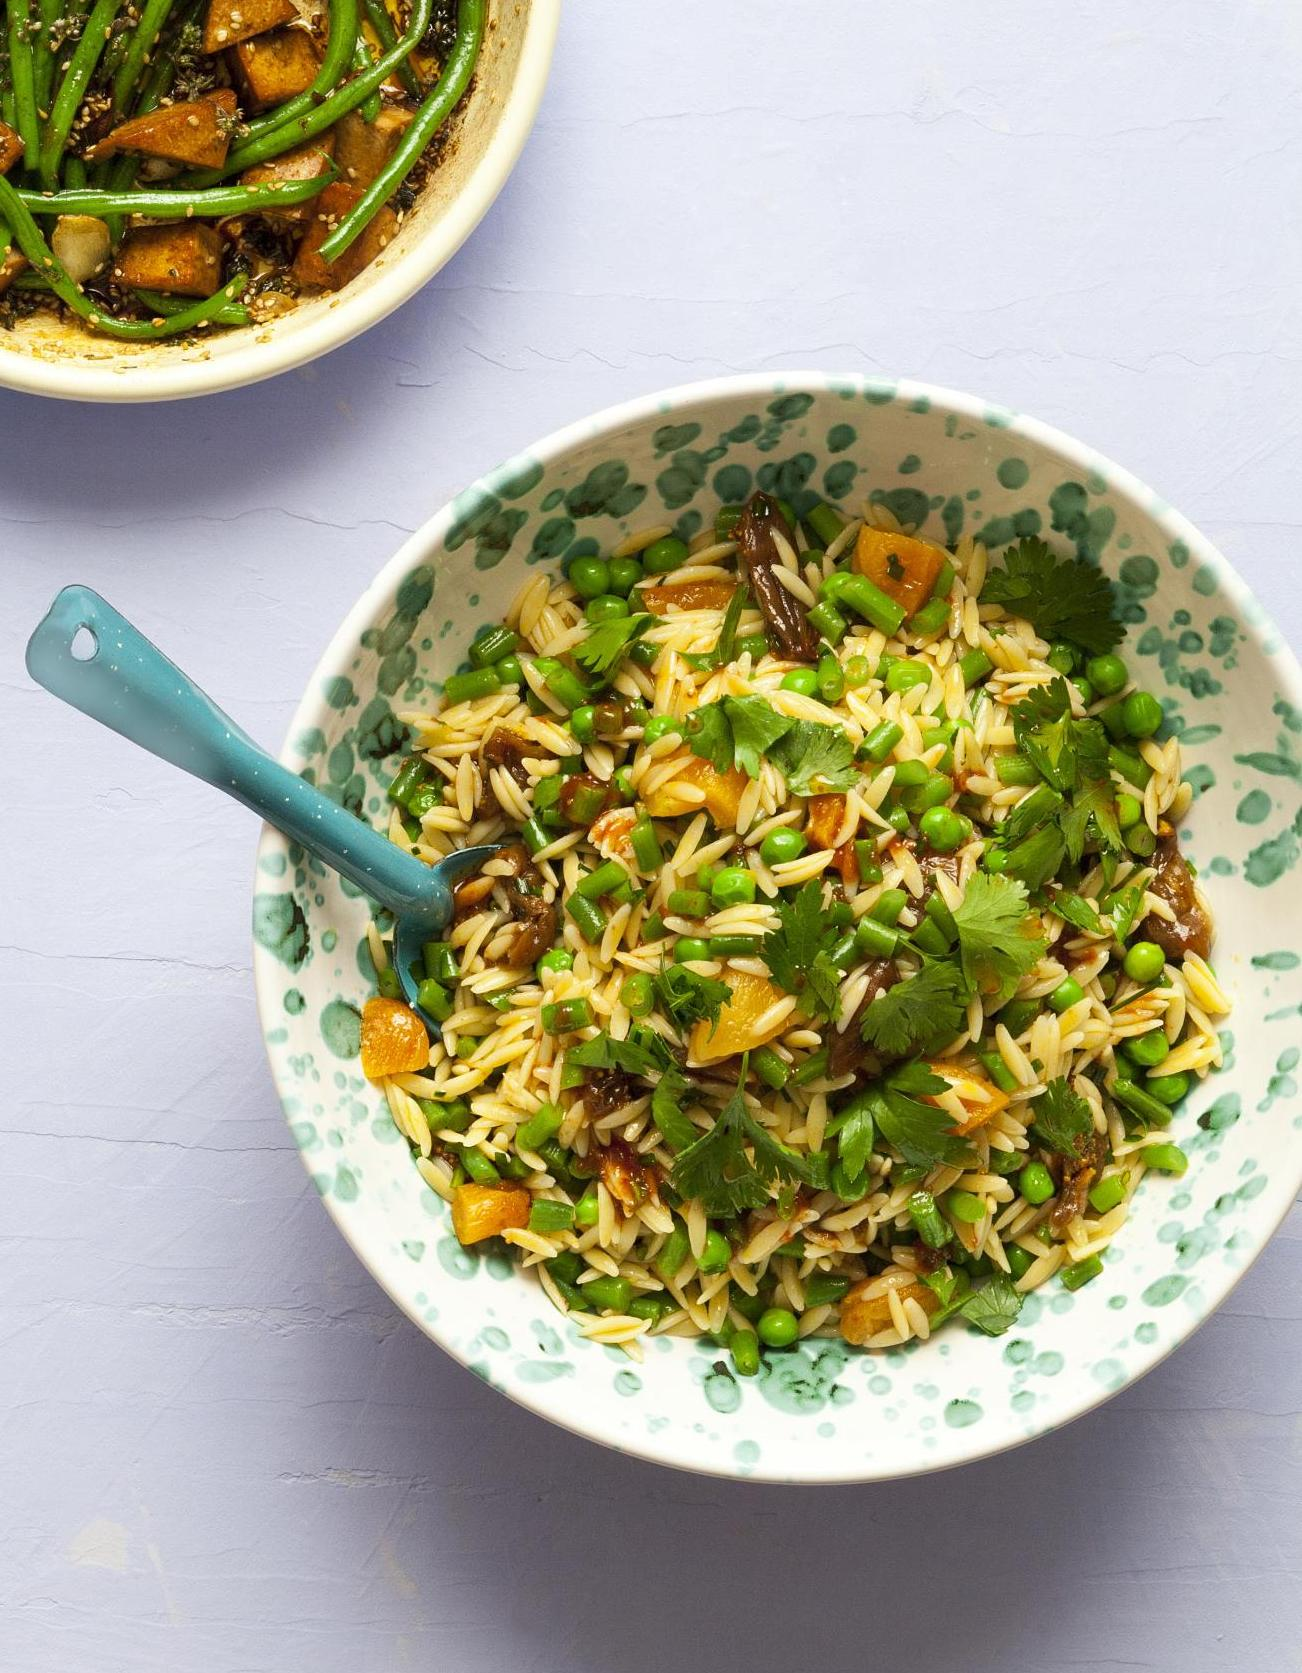 salade de petites p tes et haricots verts aux fruits secs pour 6 personnes recettes elle table. Black Bedroom Furniture Sets. Home Design Ideas